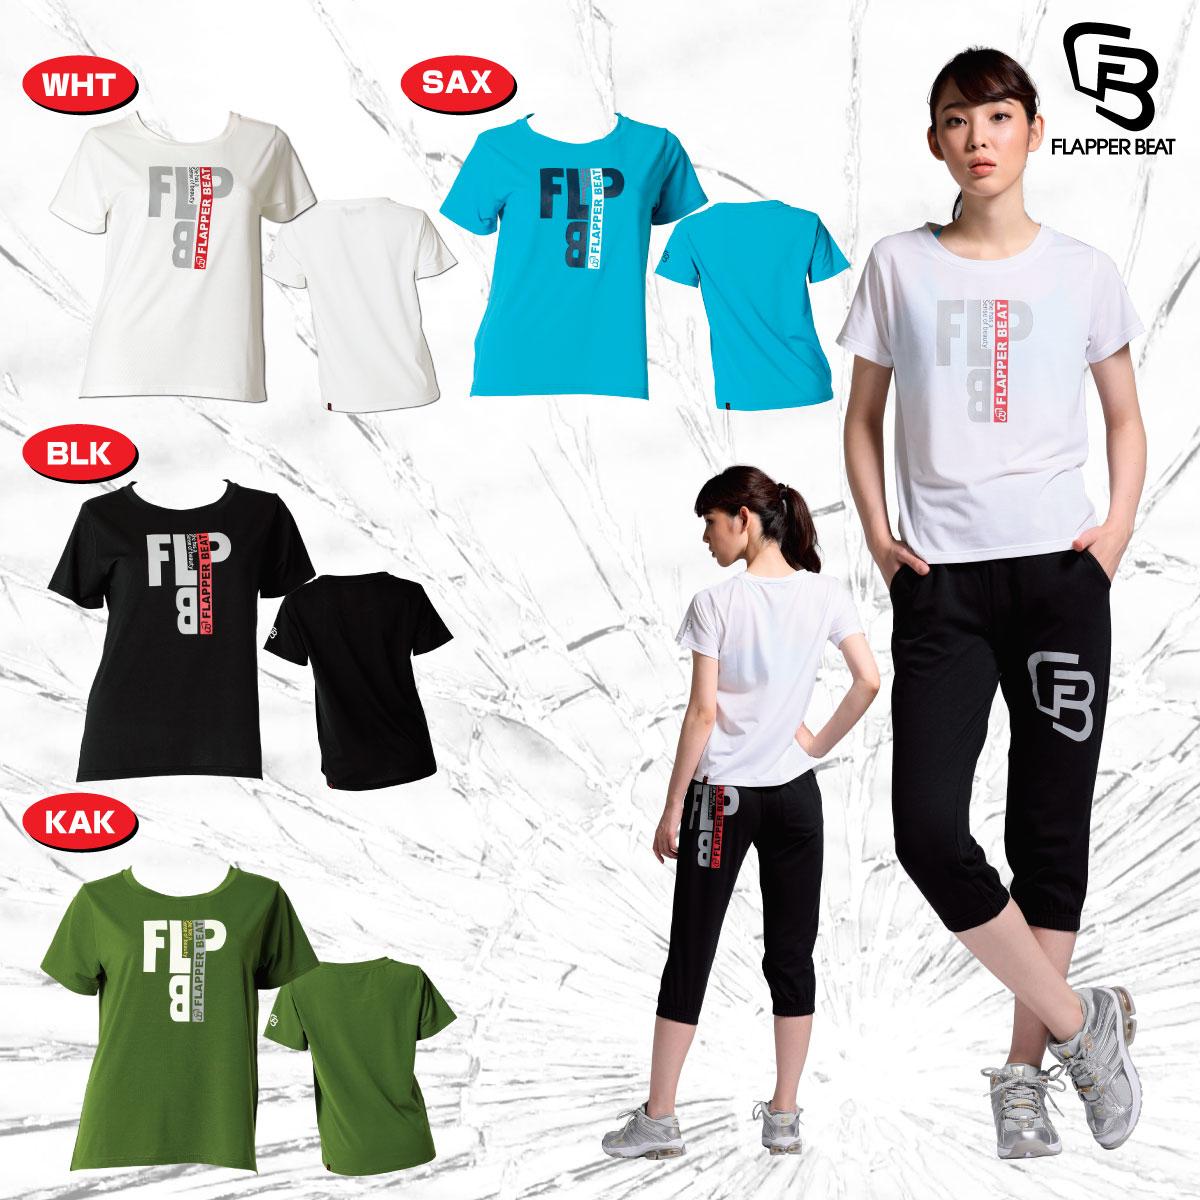 《クーポン利用で更に値引!》FLAPPER BEAT フラッパー ビート Tシャツ レディス FLP-1808R-HK